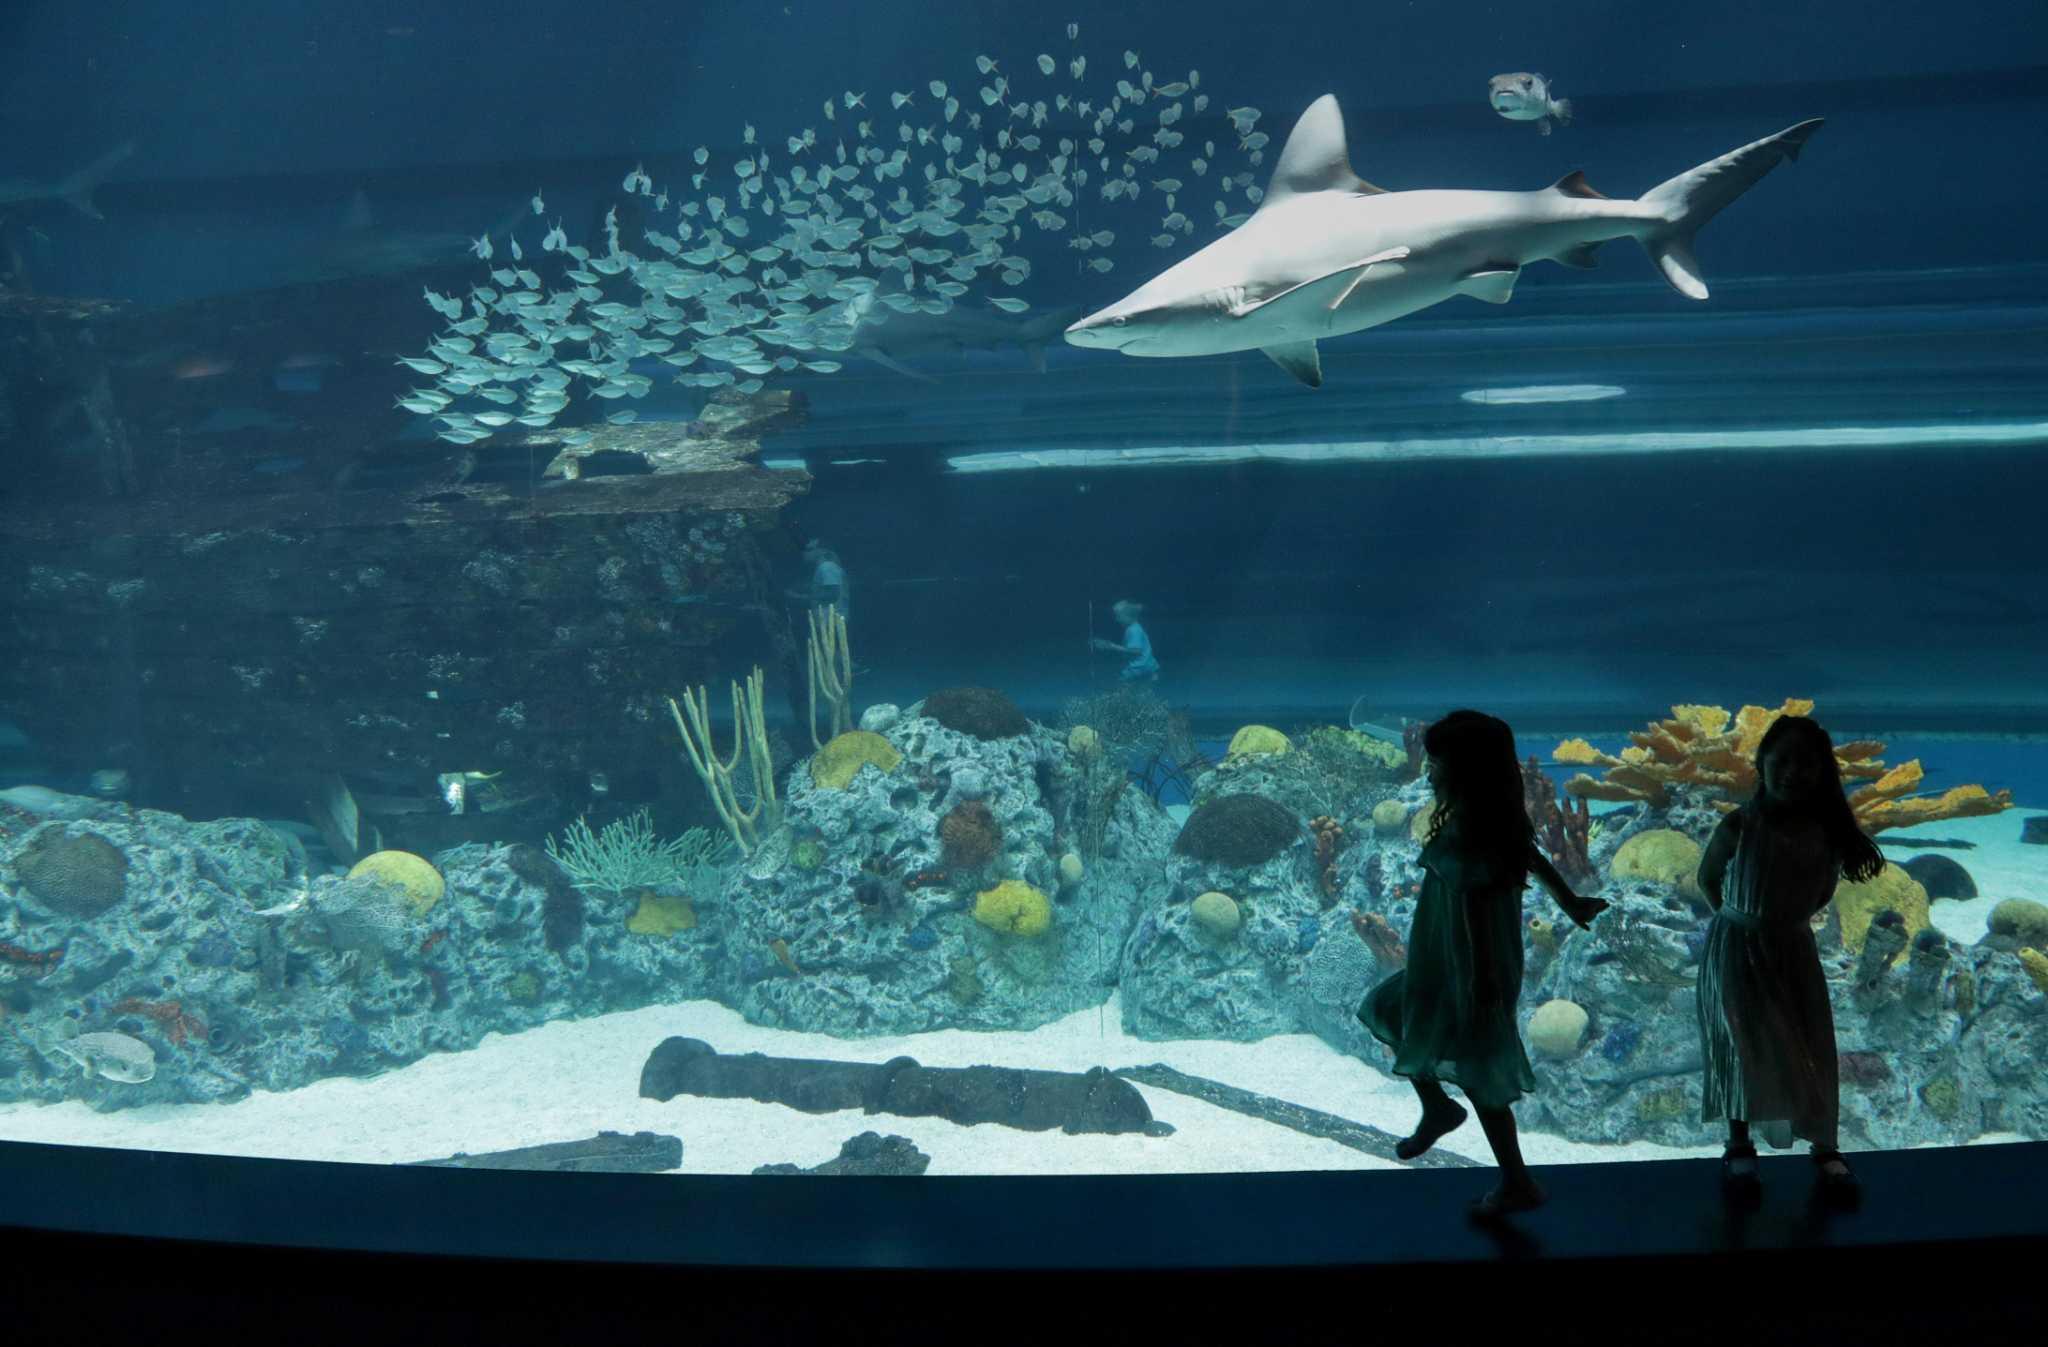 Design Aquarium Kast : Texas state aquarium doubles down on wildlife rescue